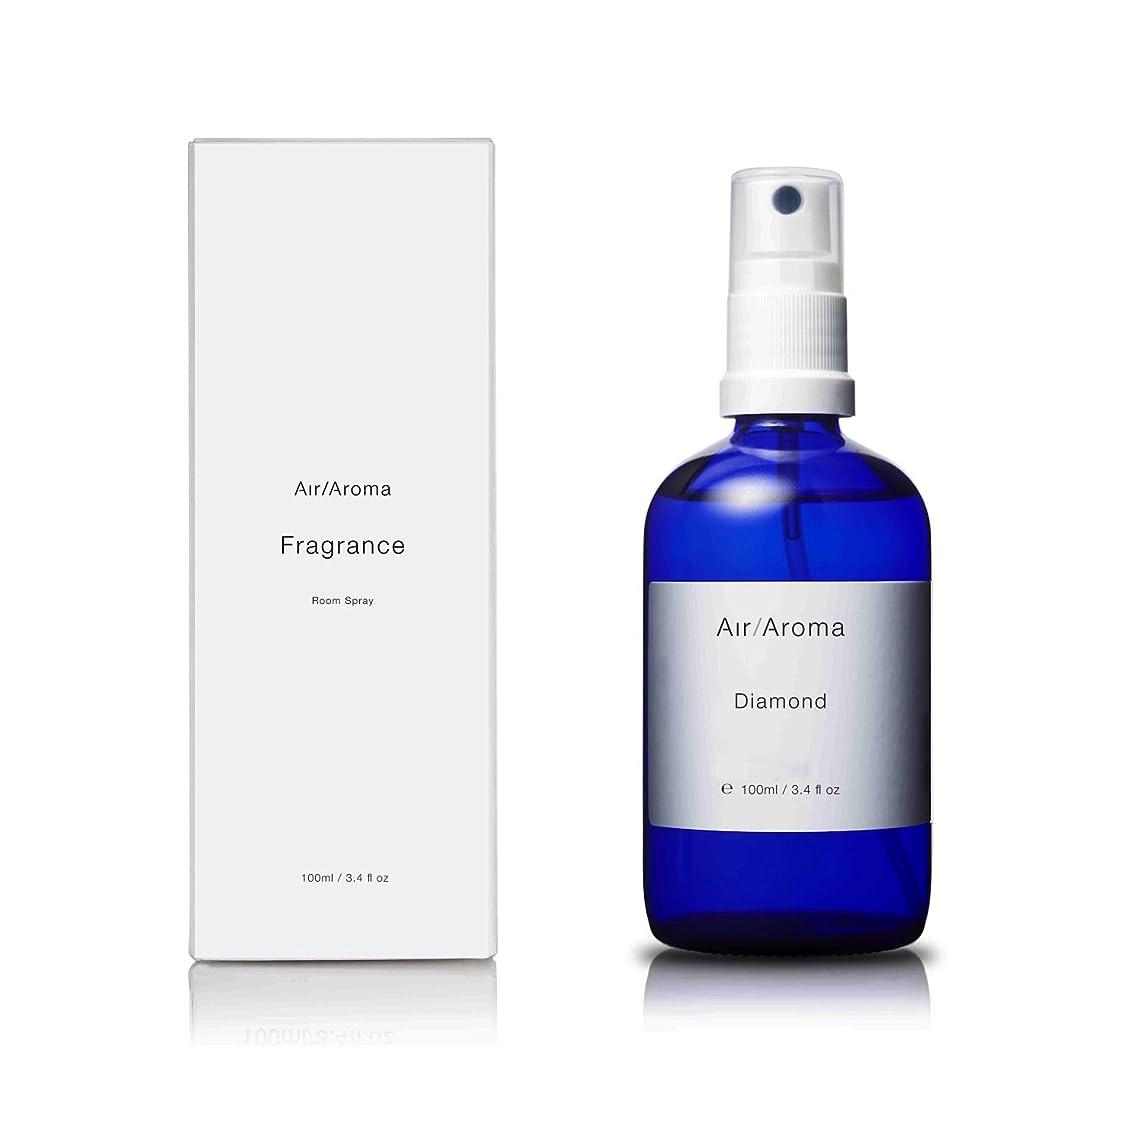 気性しっとりサミュエルエアアロマ diamond room fragrance (ダイアモンド ルームフレグランス) 100ml